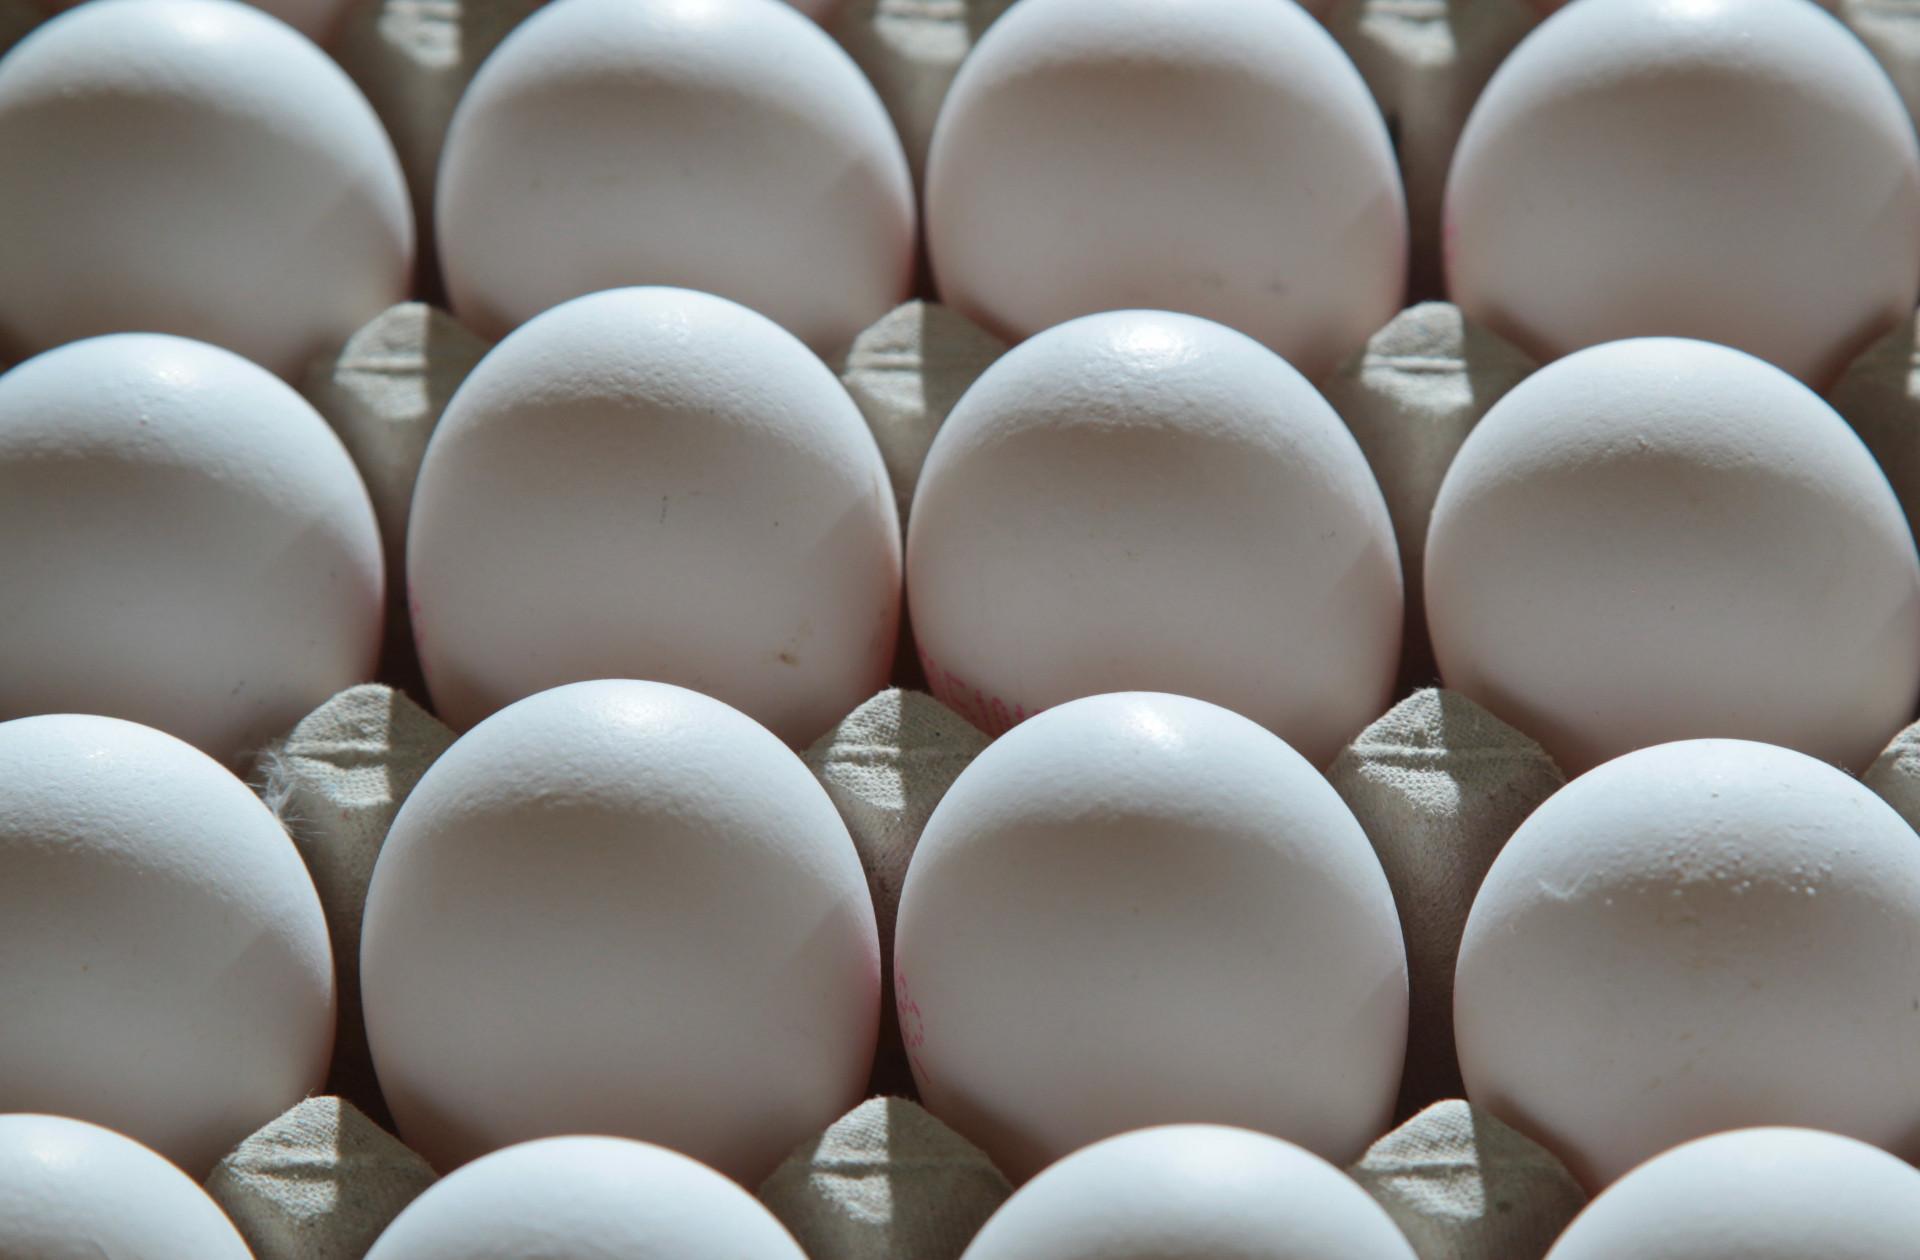 Foto: frische Hühnereier